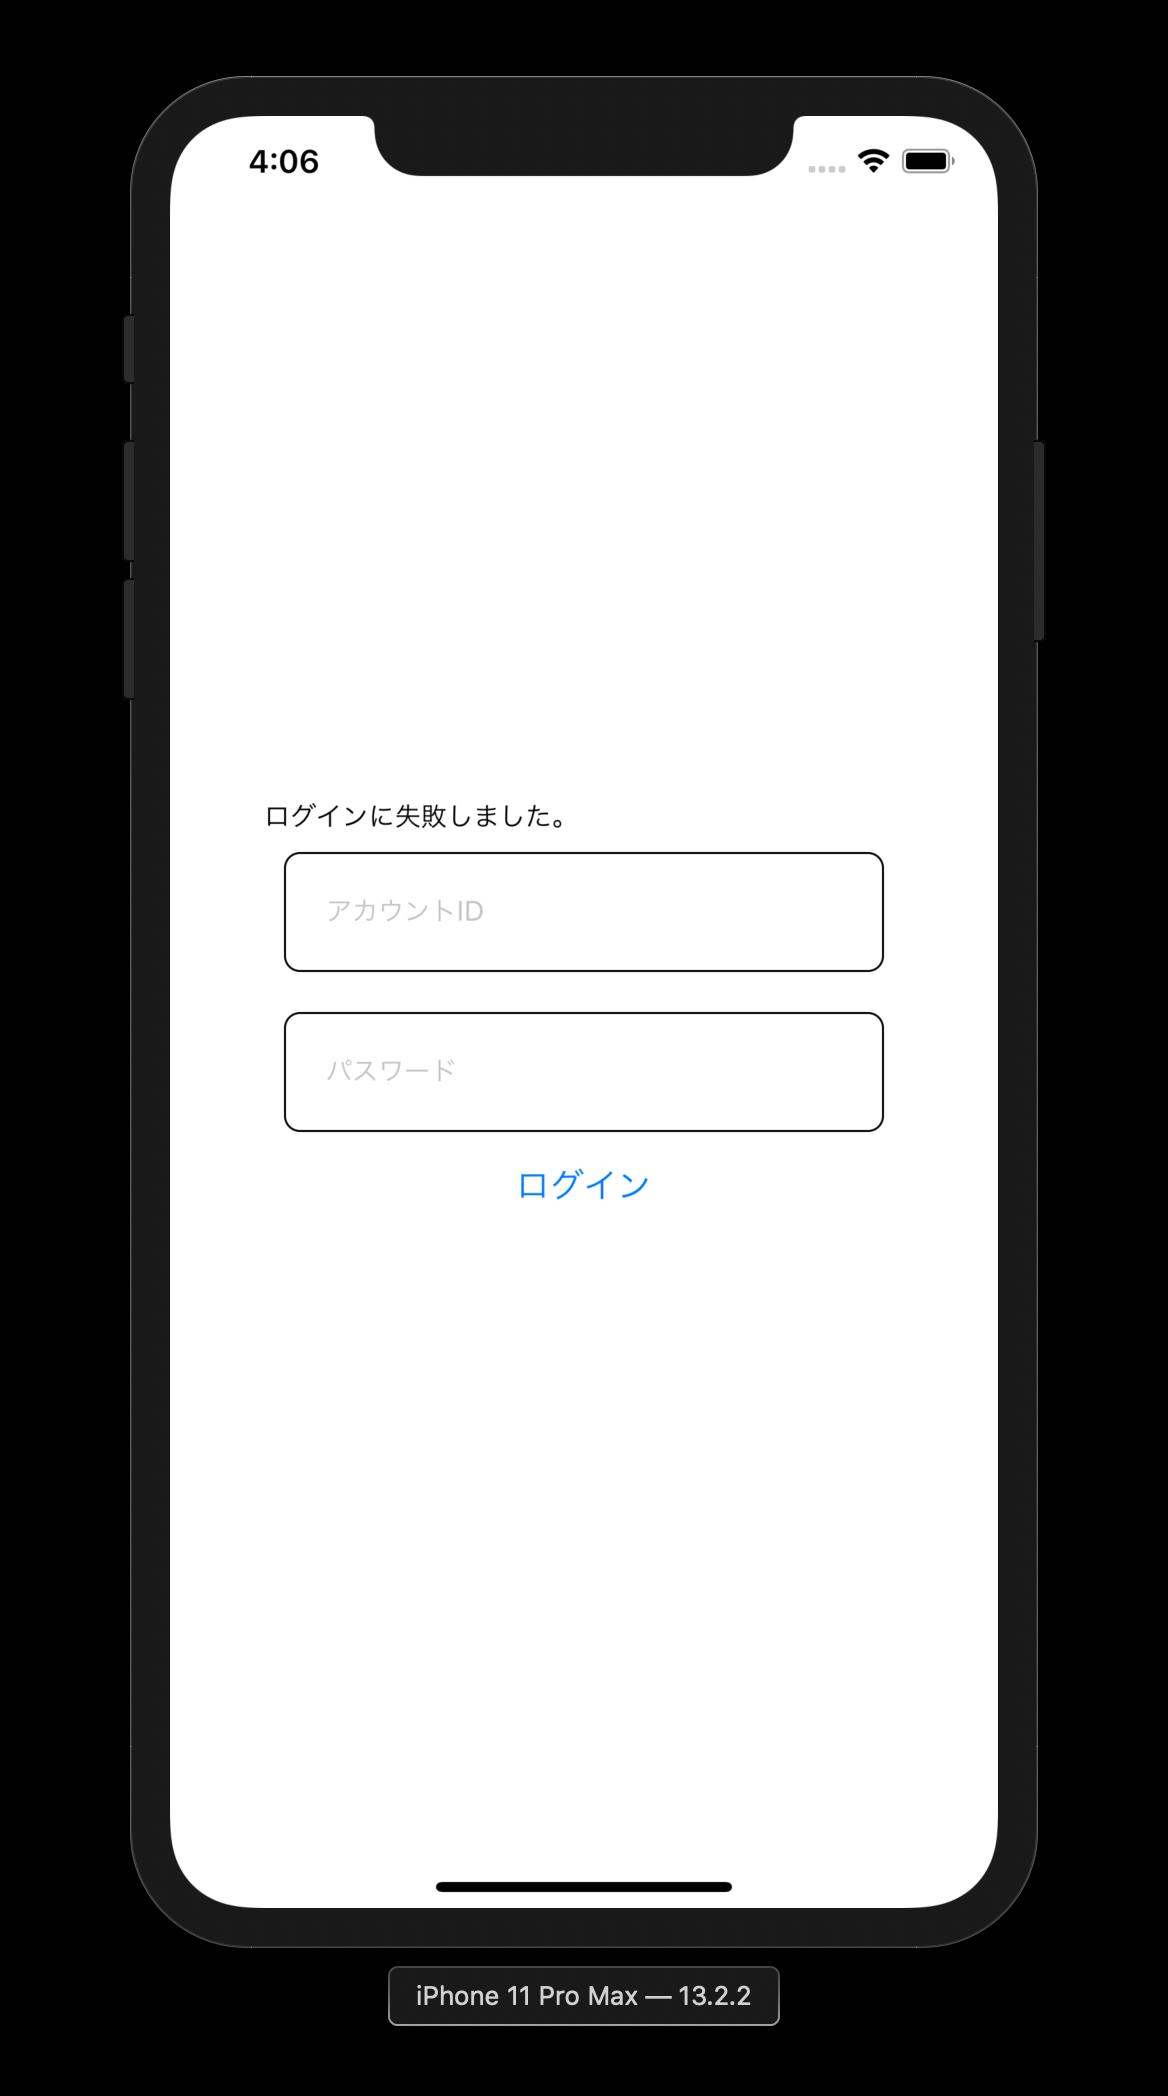 スクリーンショット 2019-12-08 16.06.41.png